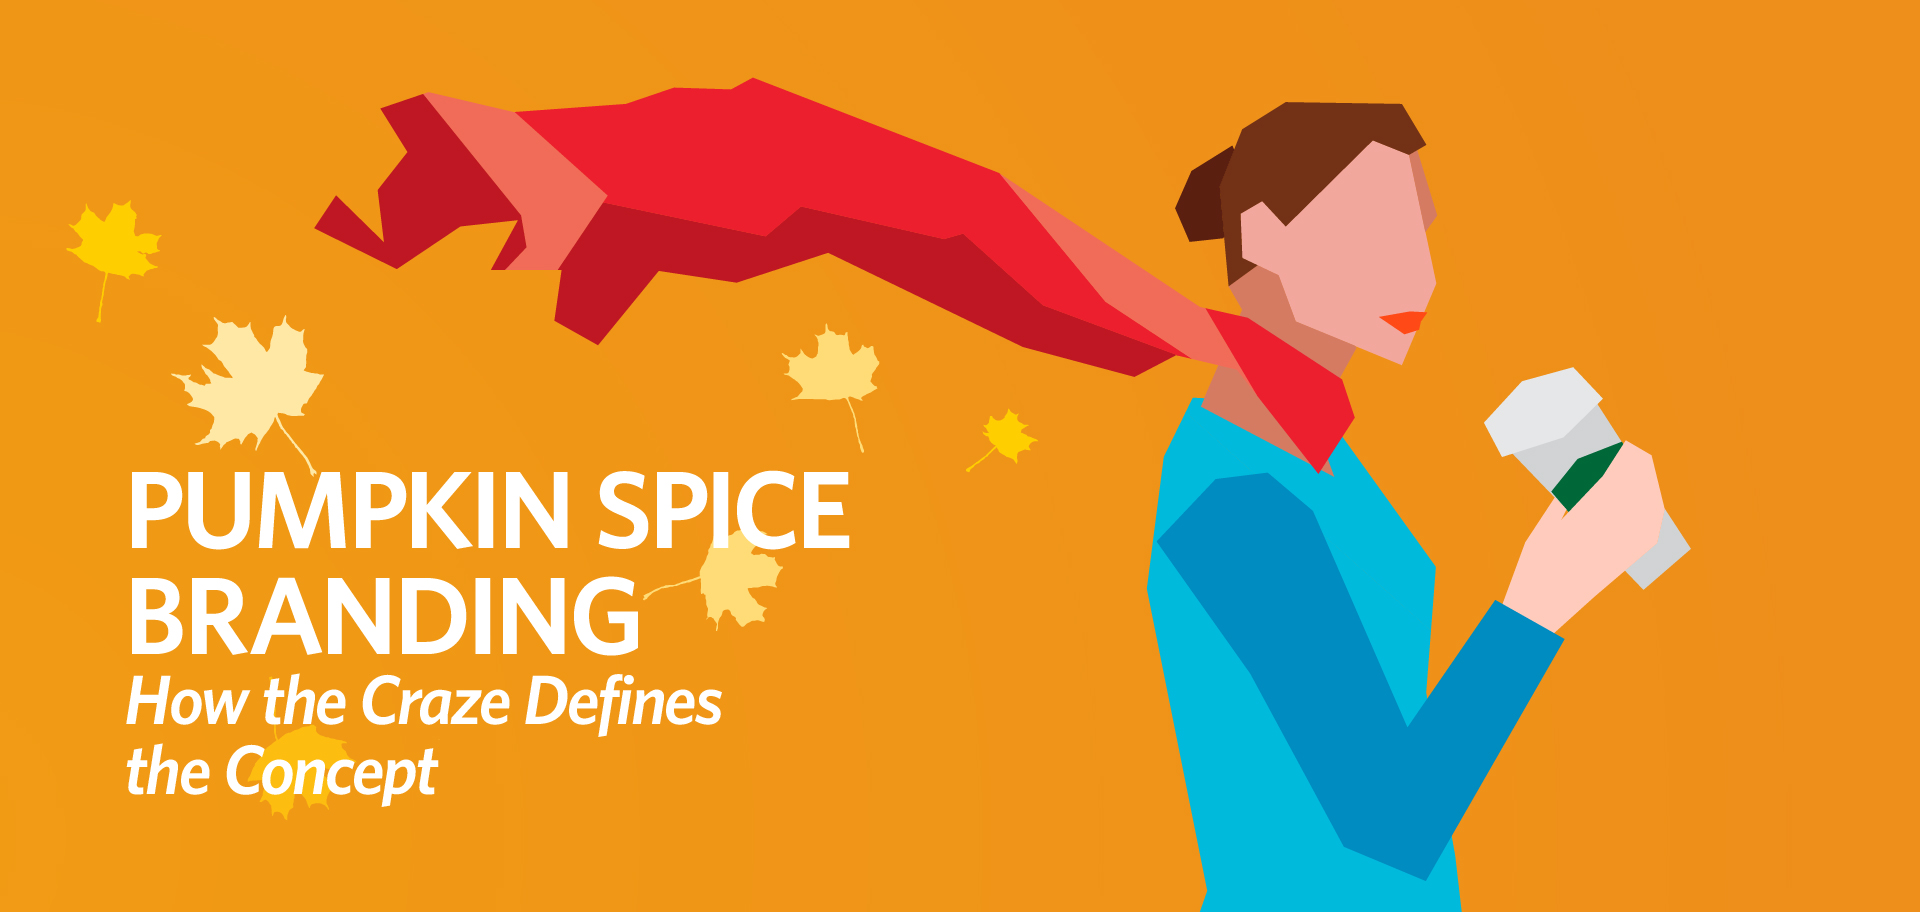 Pumpkin Spice Branding Kettle Fire Creative pumpkin spice Pumpkin Spice Branding: How the Craze Defines the Concept pumpkin spice fi